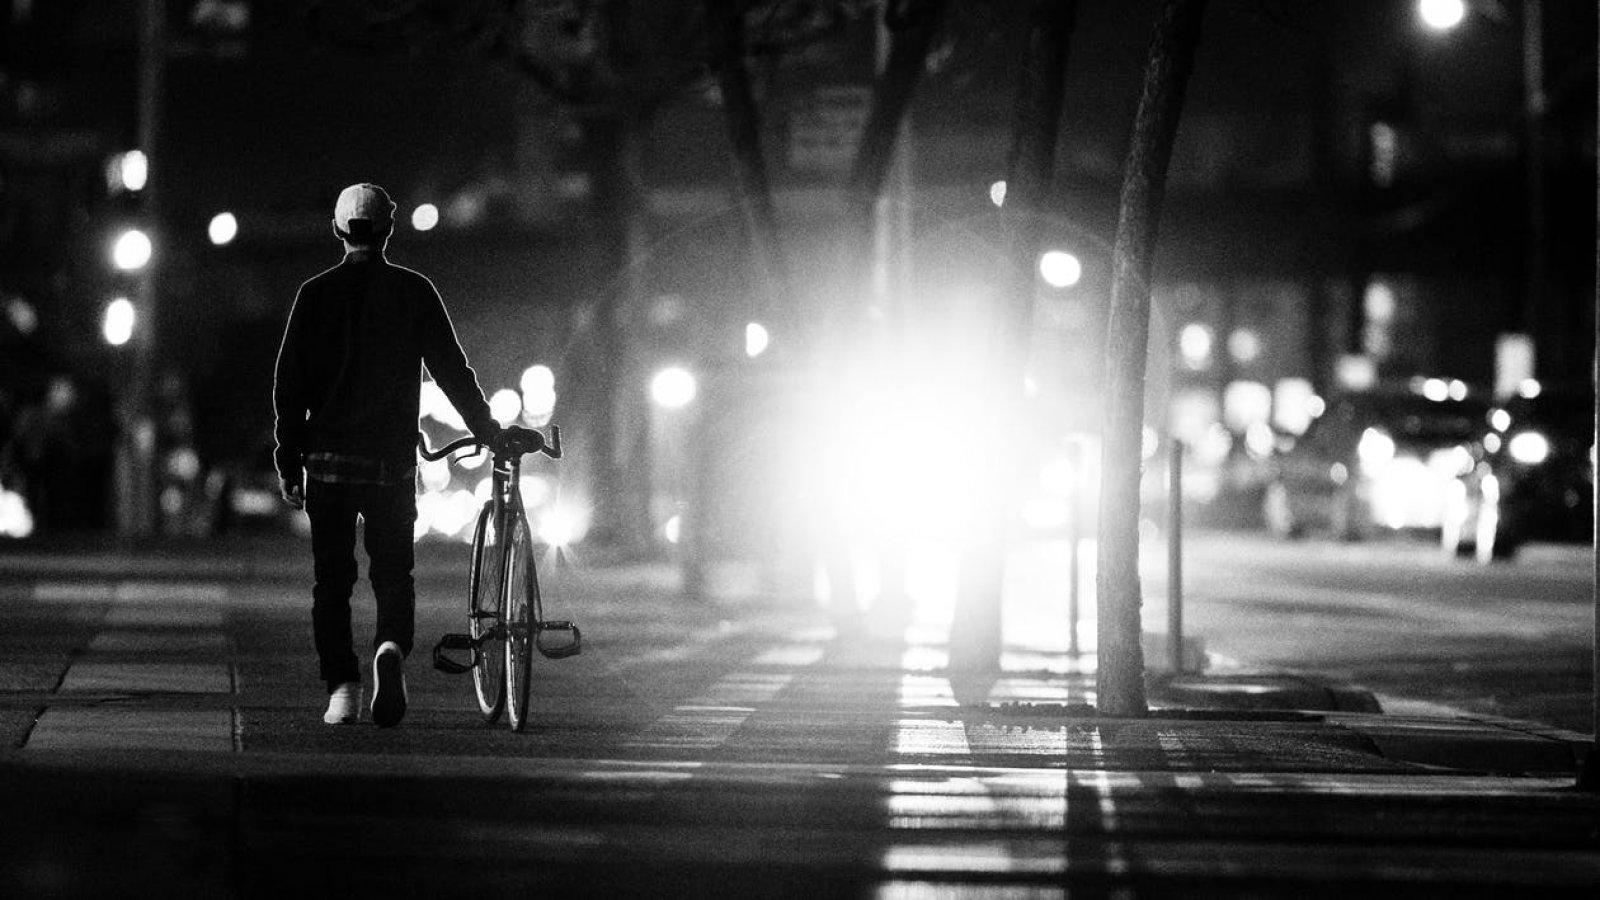 La bicicleta és un dels vehicles habituals pels carrers de Barcelona